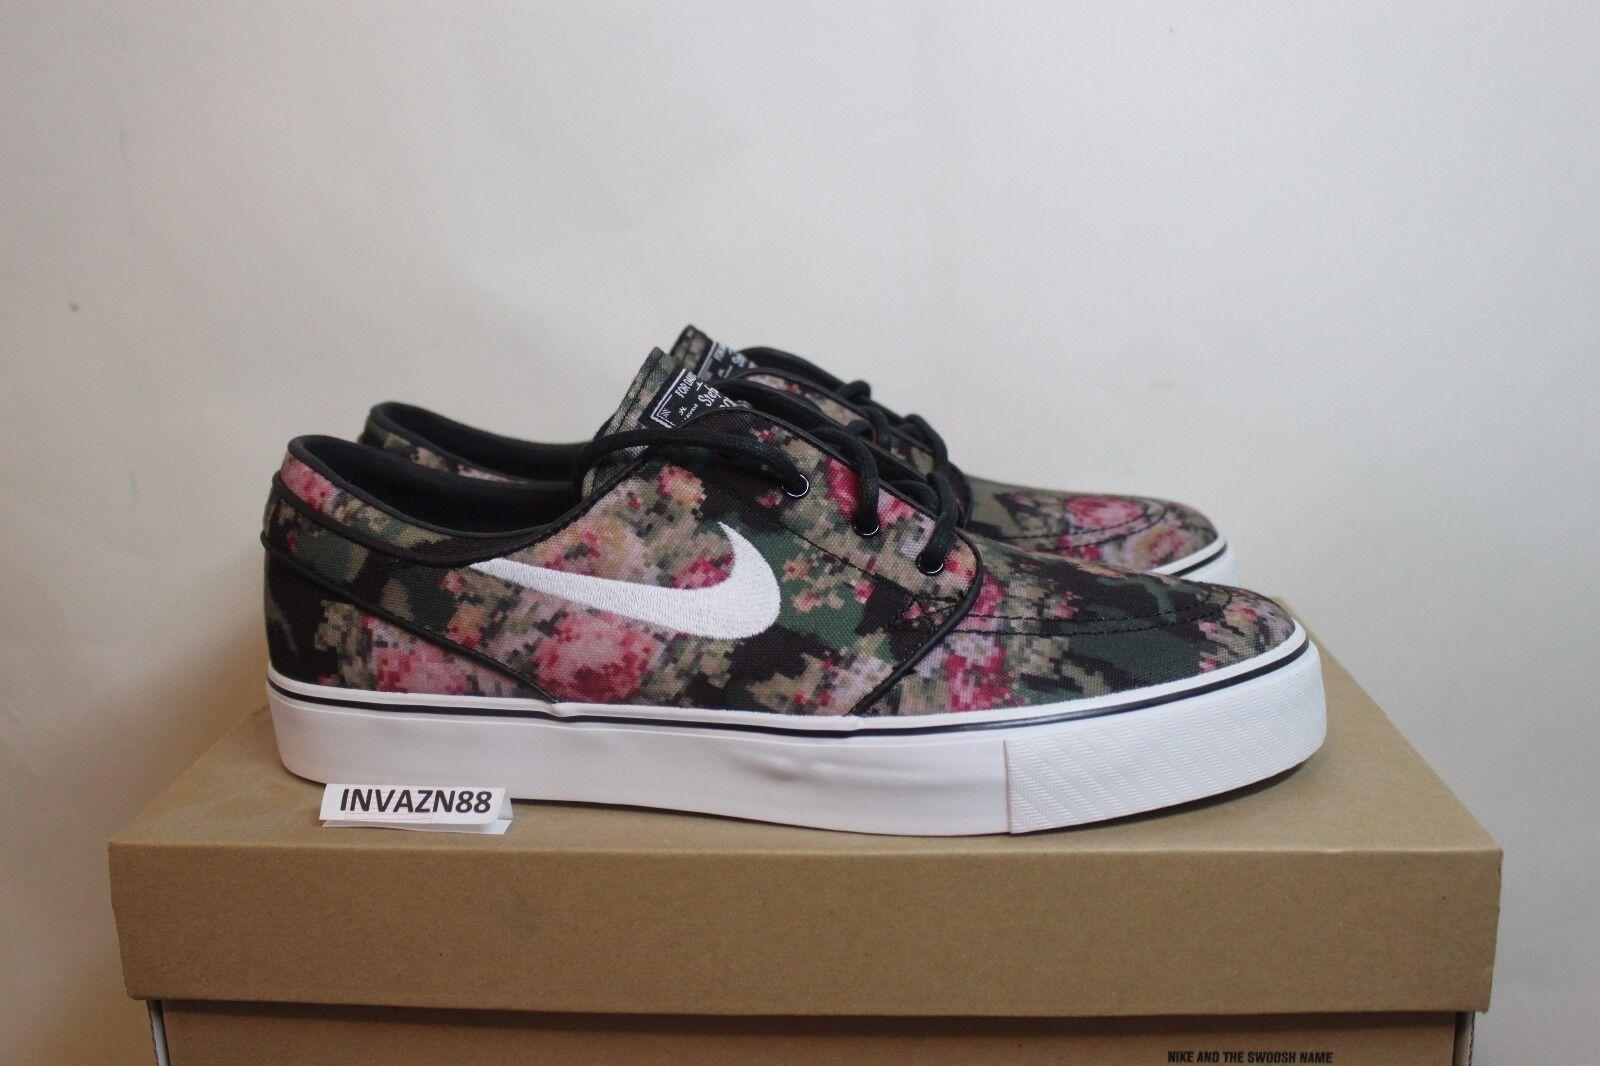 Nike Zoom SB Stefan Janoski PR Digi Camo 482972 hombres floral 900 talla 9 nuevos zapatos para hombres 482972 y mujeres, el limitado tiempo de descuento 57531a